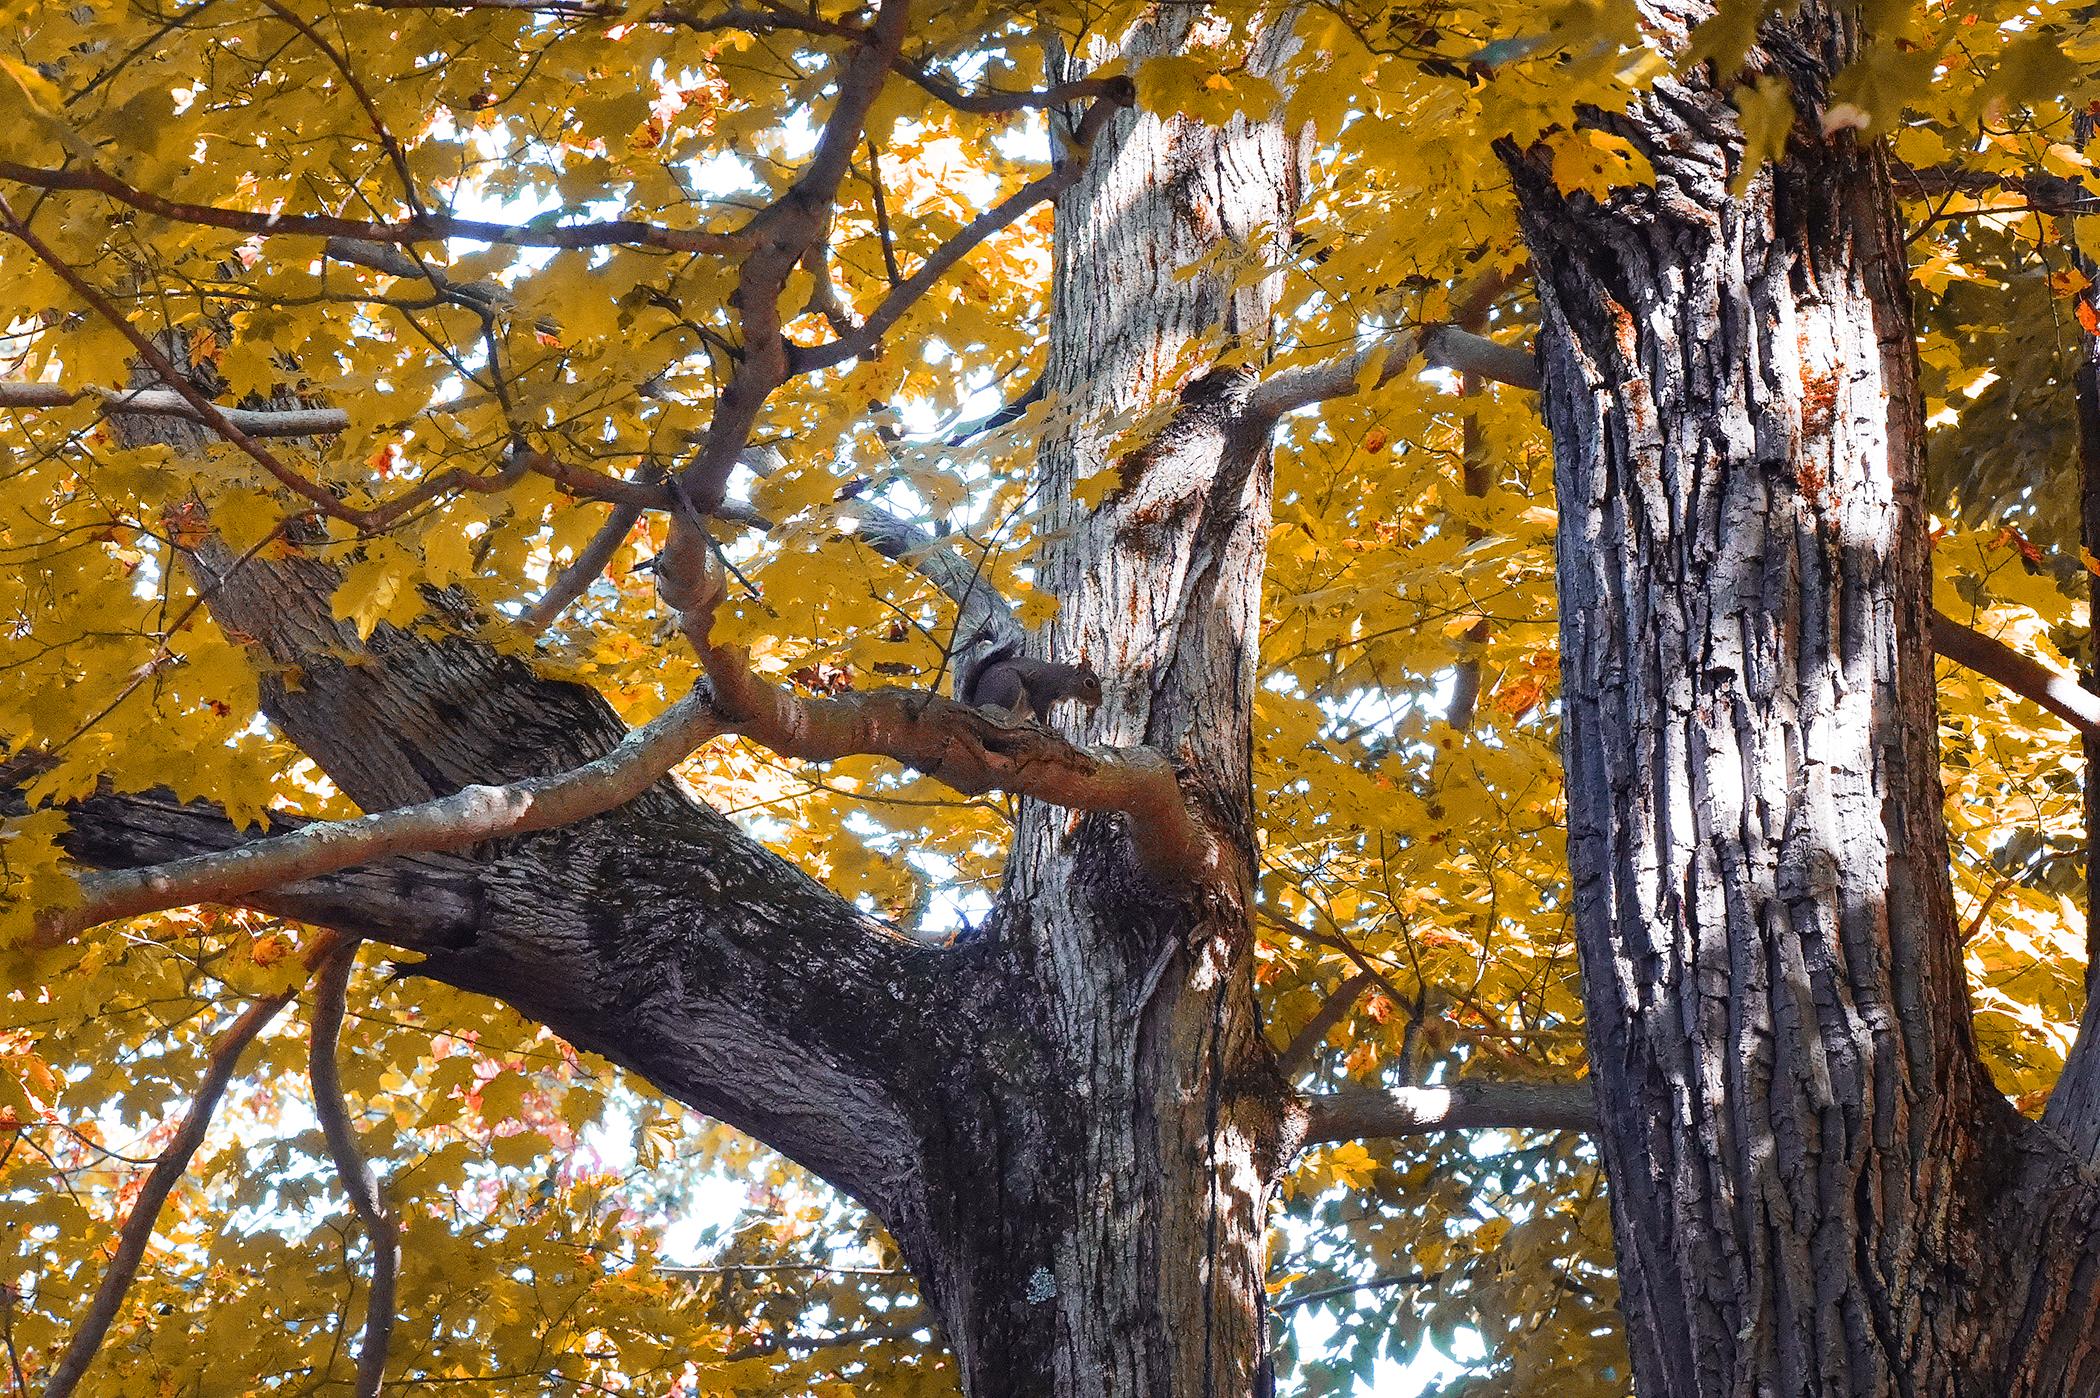 squirrel in fall foliage